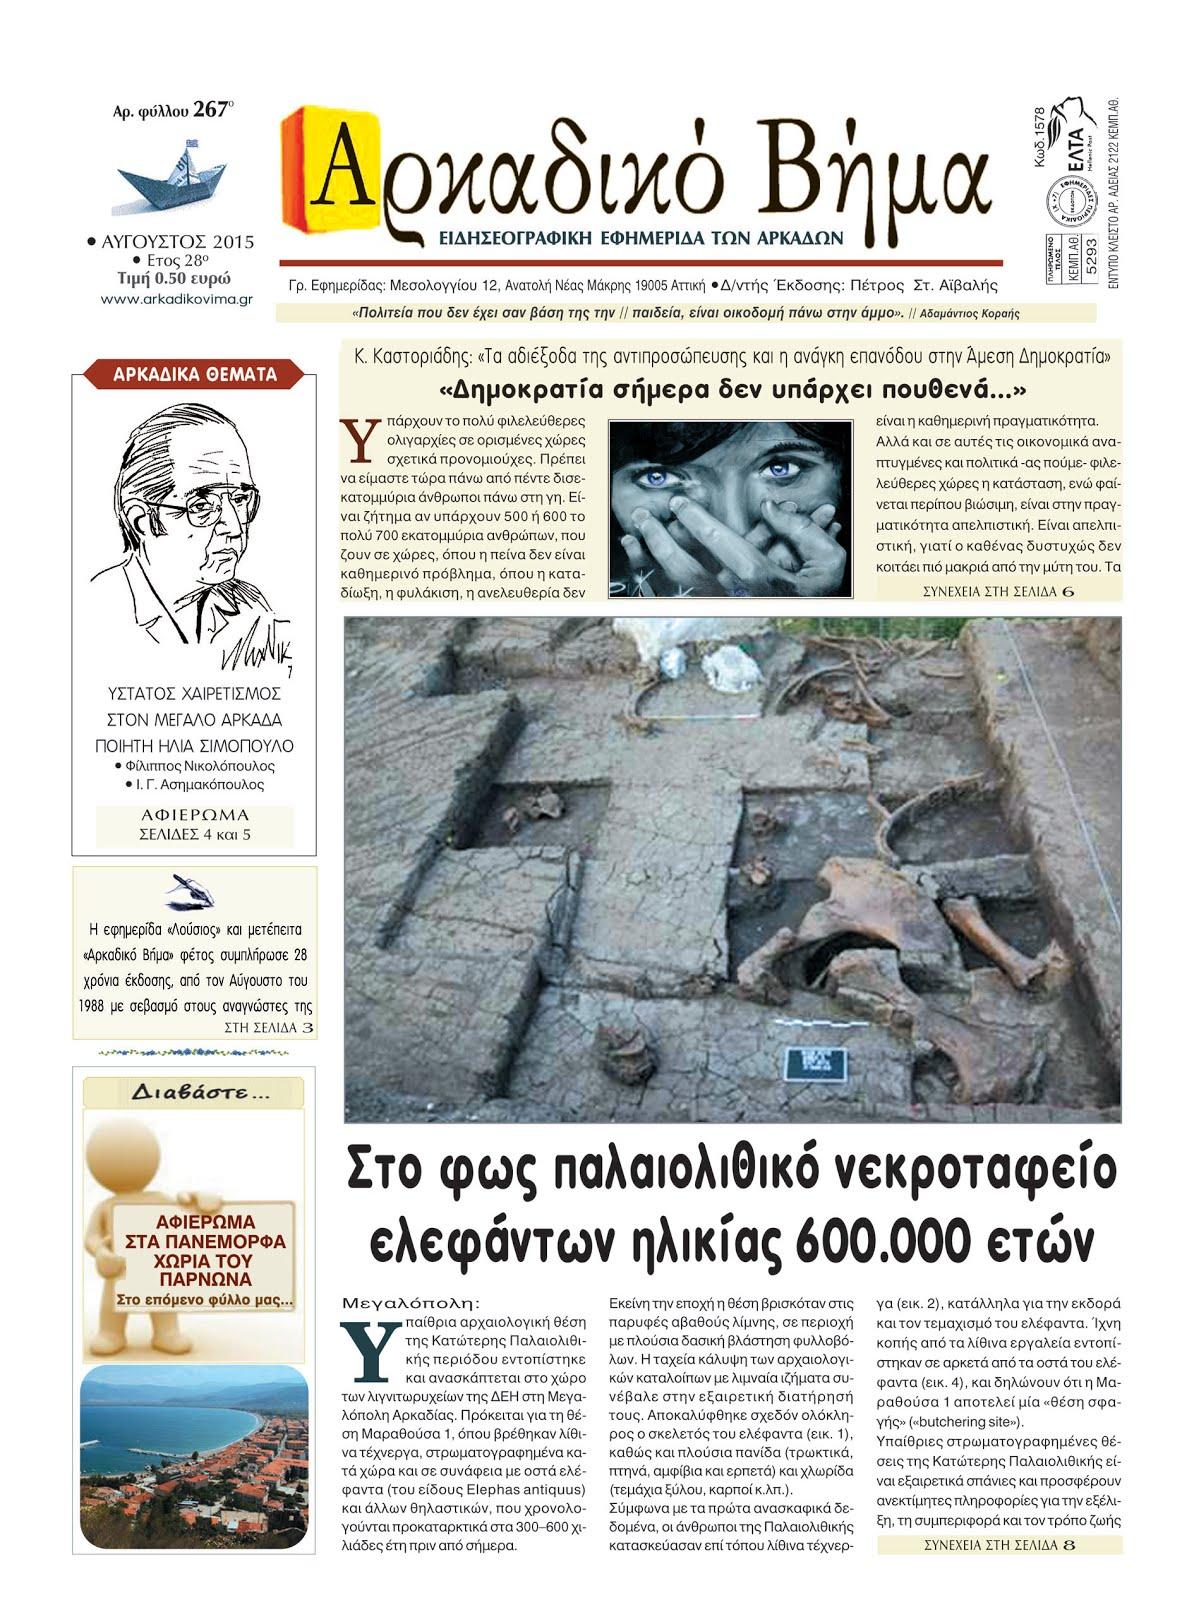 """Κ. Καστοριάδης: """"Δημοκρατία σήμερα δεν υπάρχει πουθενά..."""""""